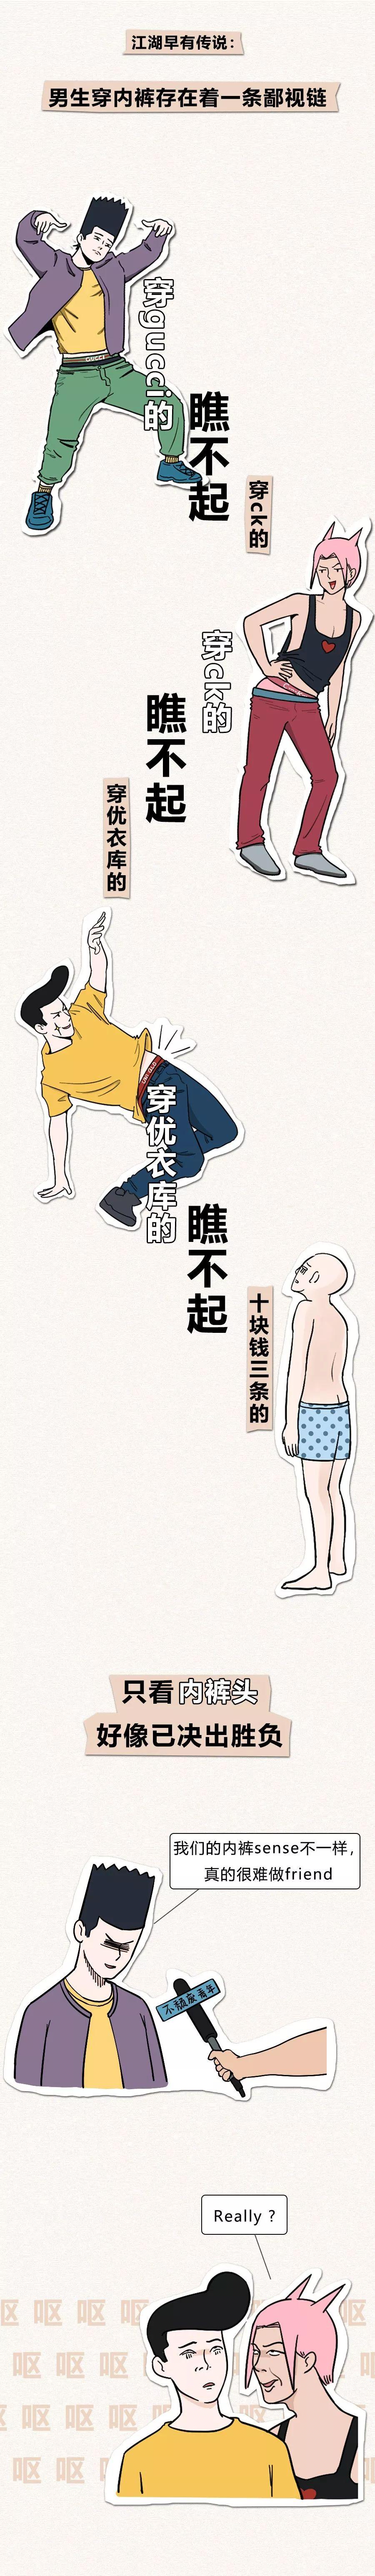 男人的内裤到底可以穿几年?  涨姿势 热图1